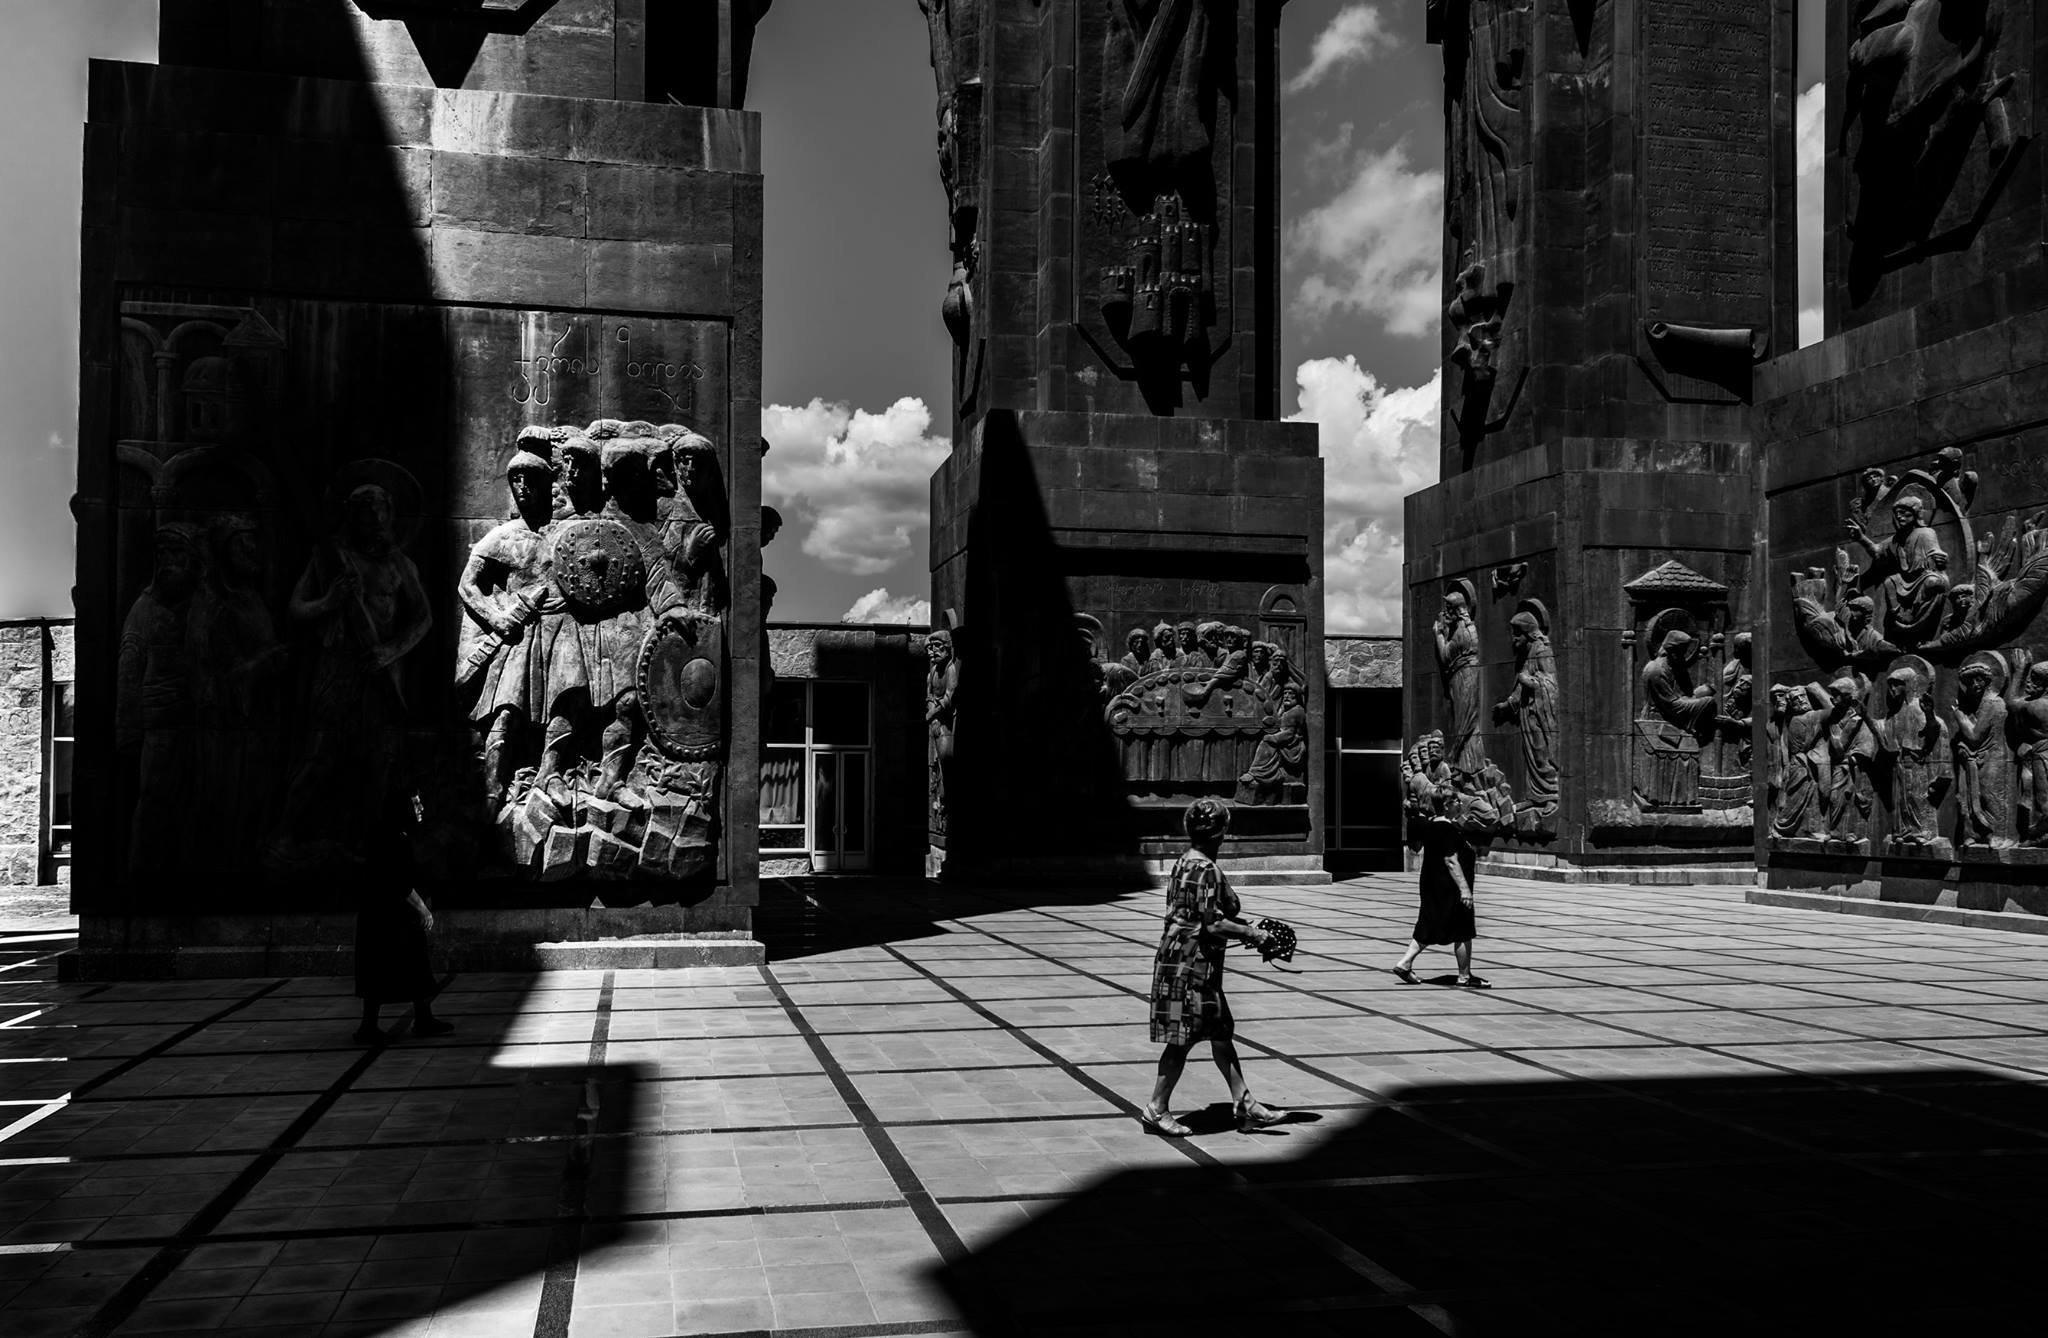 Монумент История Грузии, скульптор - Зураб Церетели